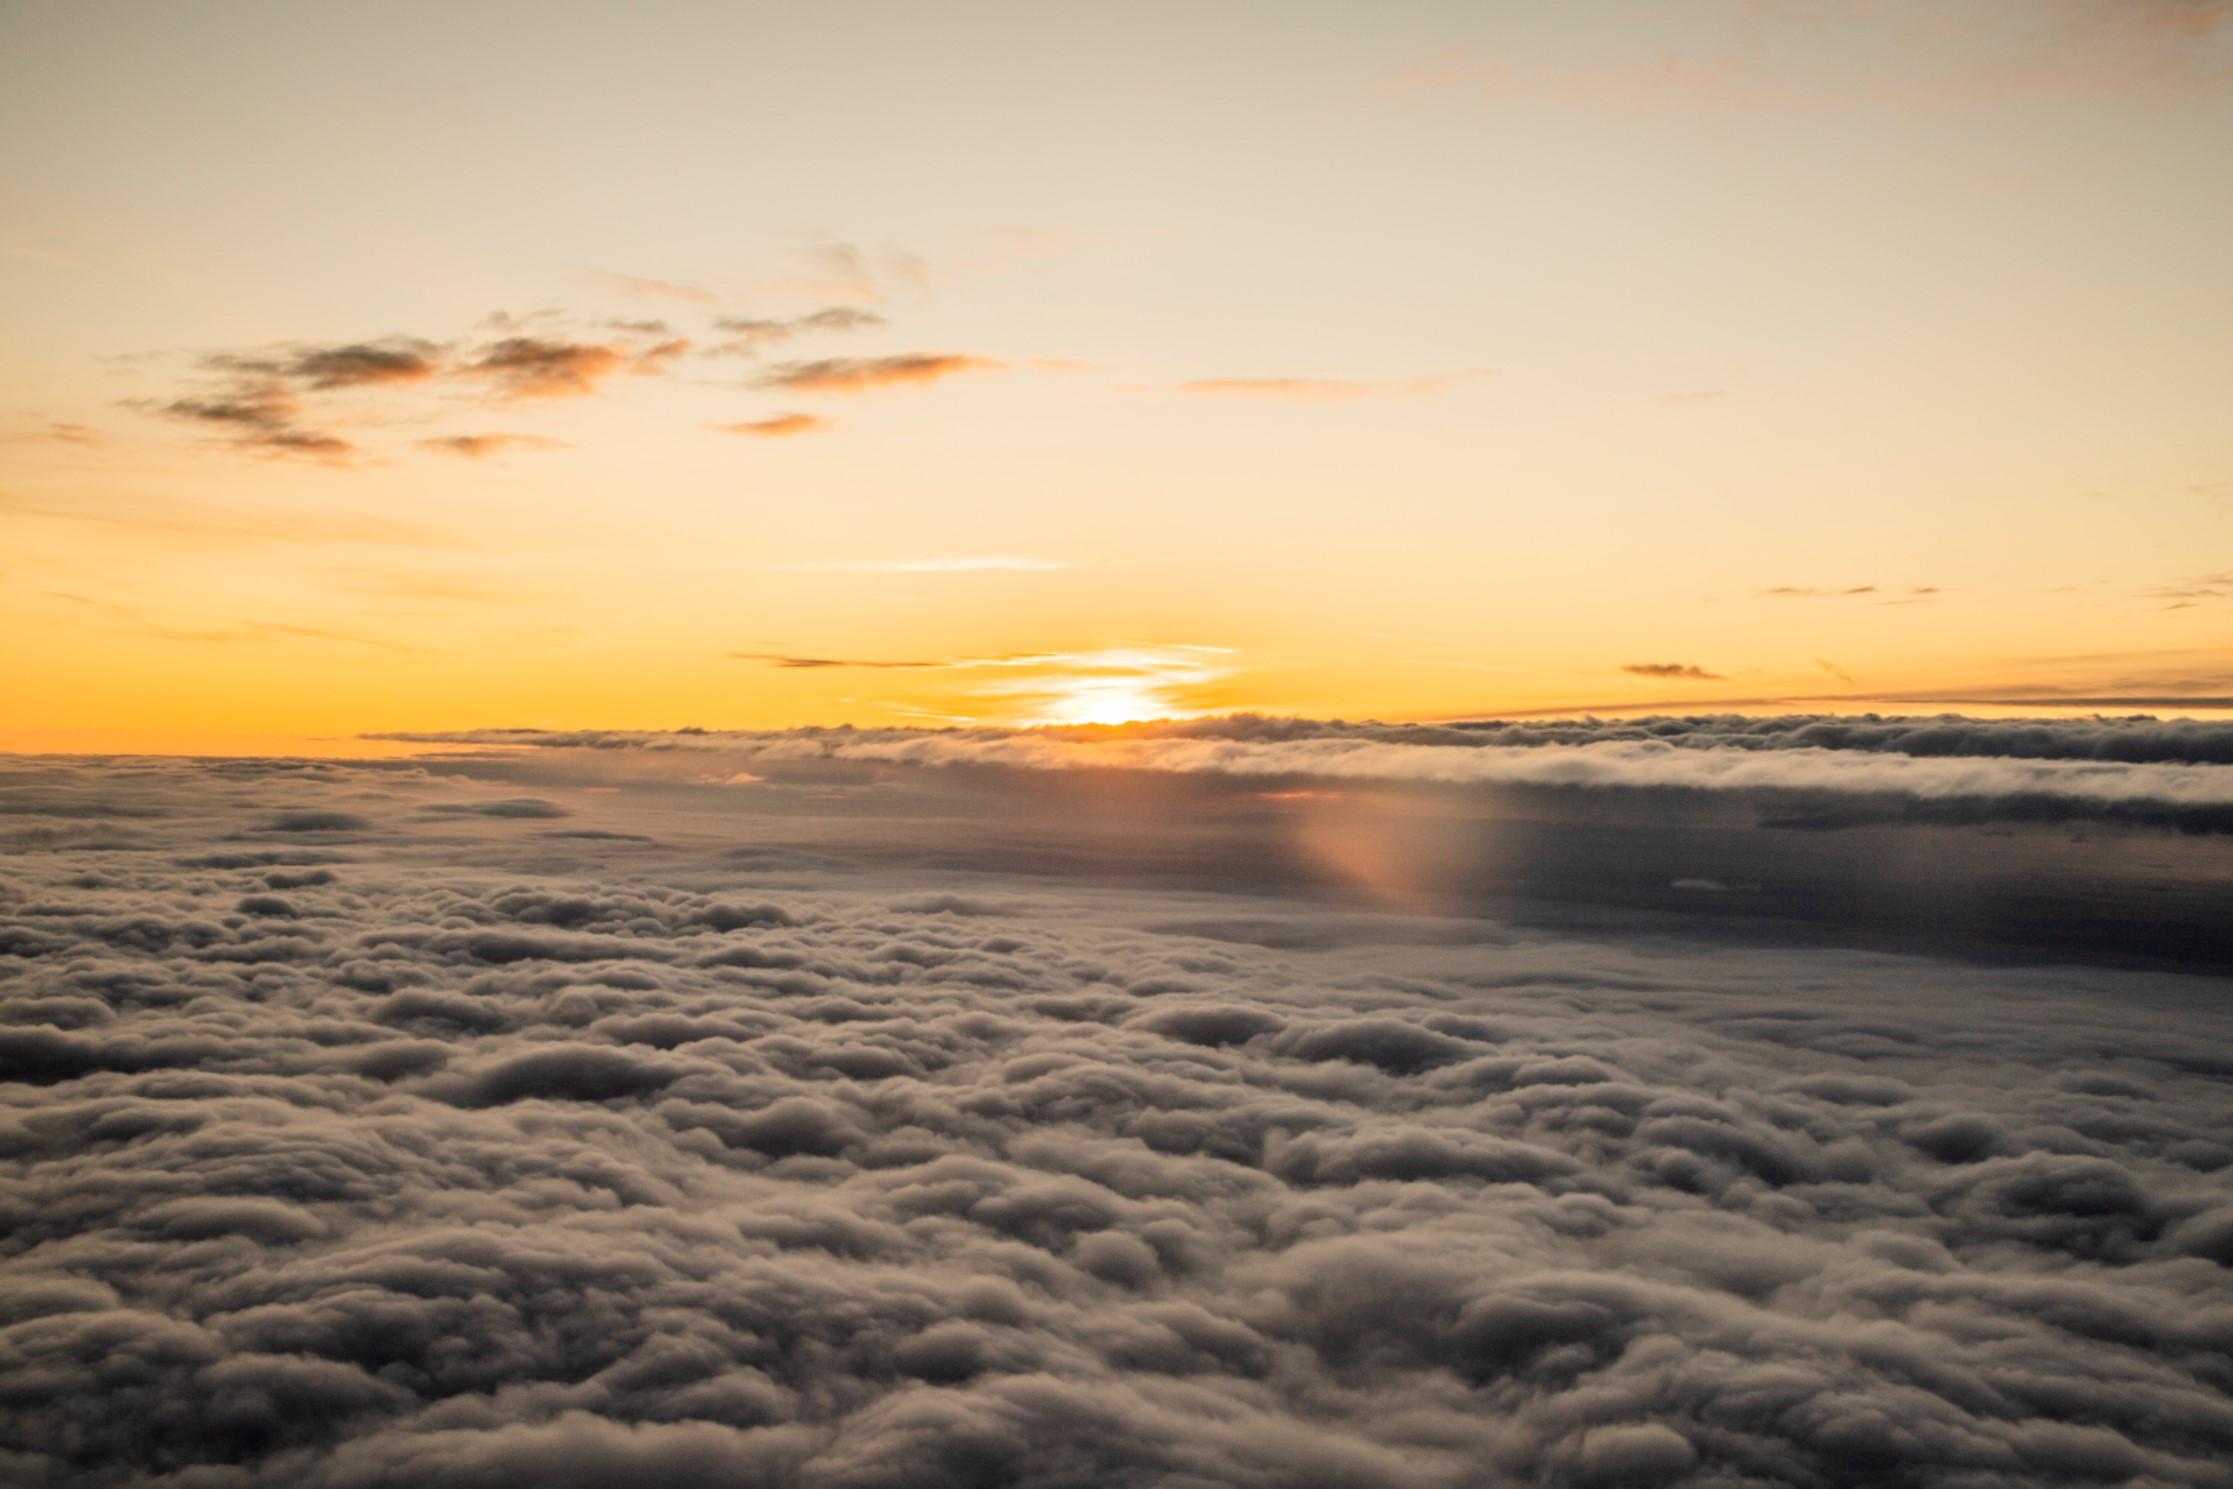 Le luci dell'alba - Foto di Giovanni Sato